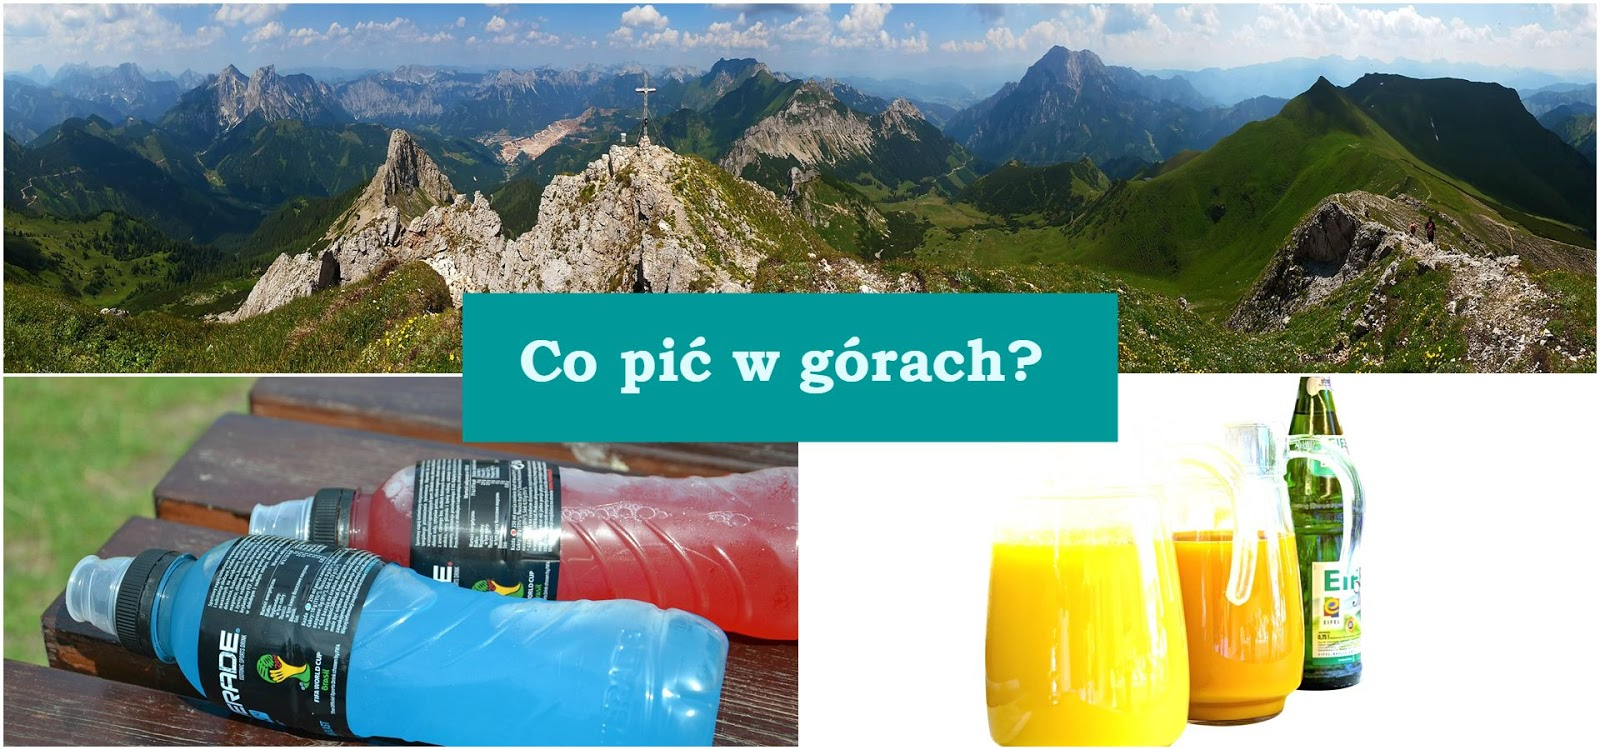 Co pić w górach?